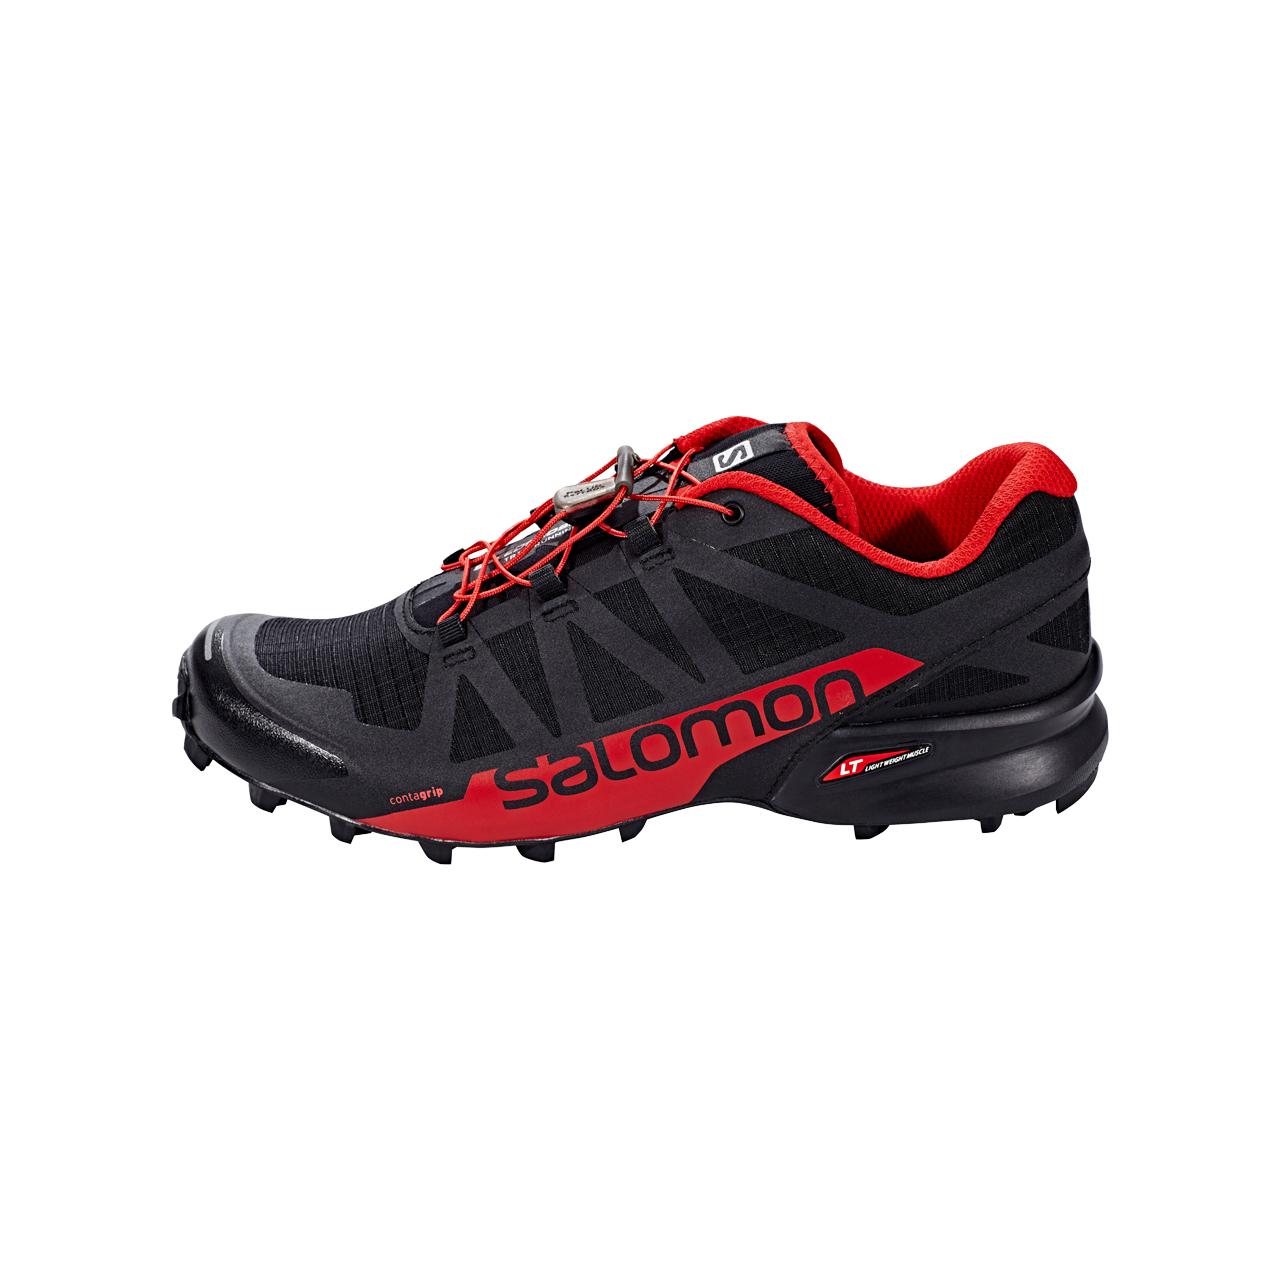 کفش مخصوص پیاده روی و دویدن مردانه سالومون مدل speed cross Pro2